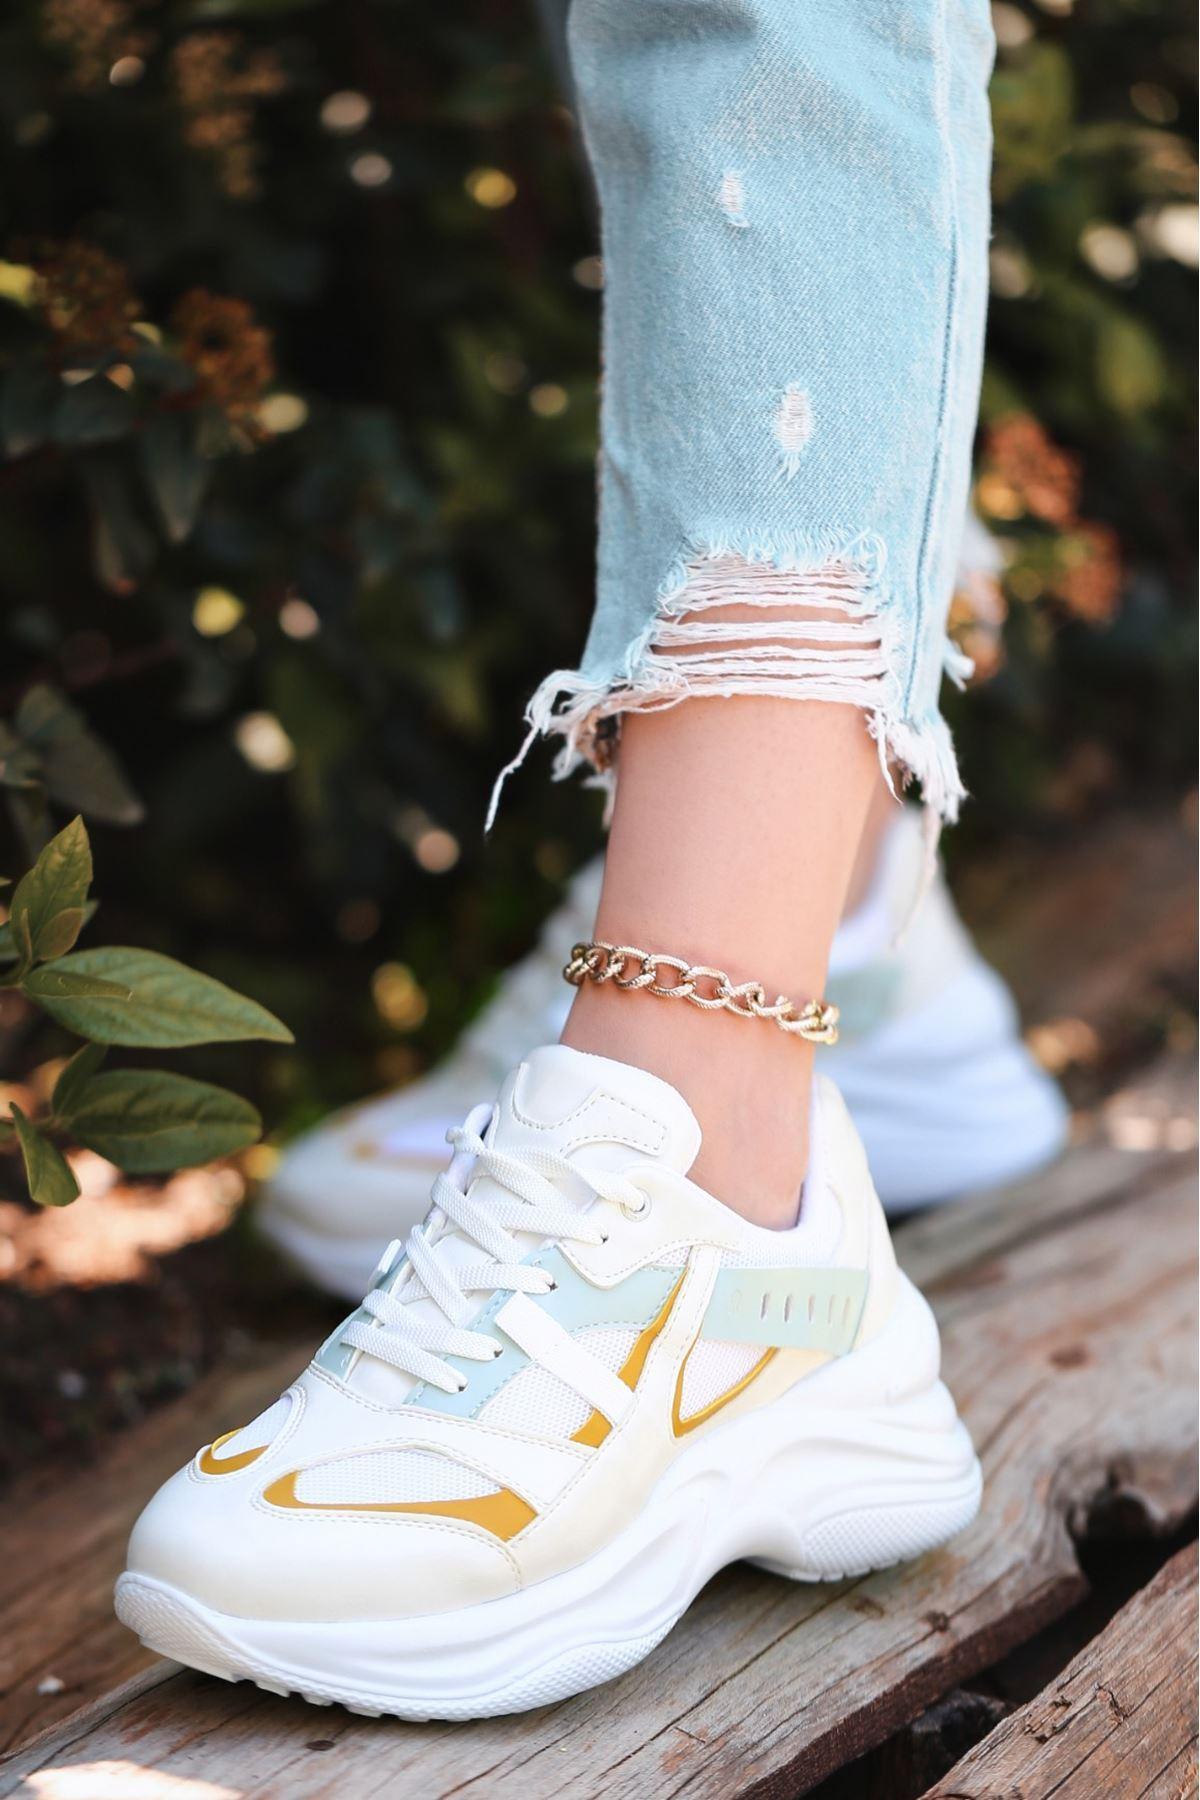 Feym Beyaz Cilt Yeşil Detaylı Spor Ayakkabı